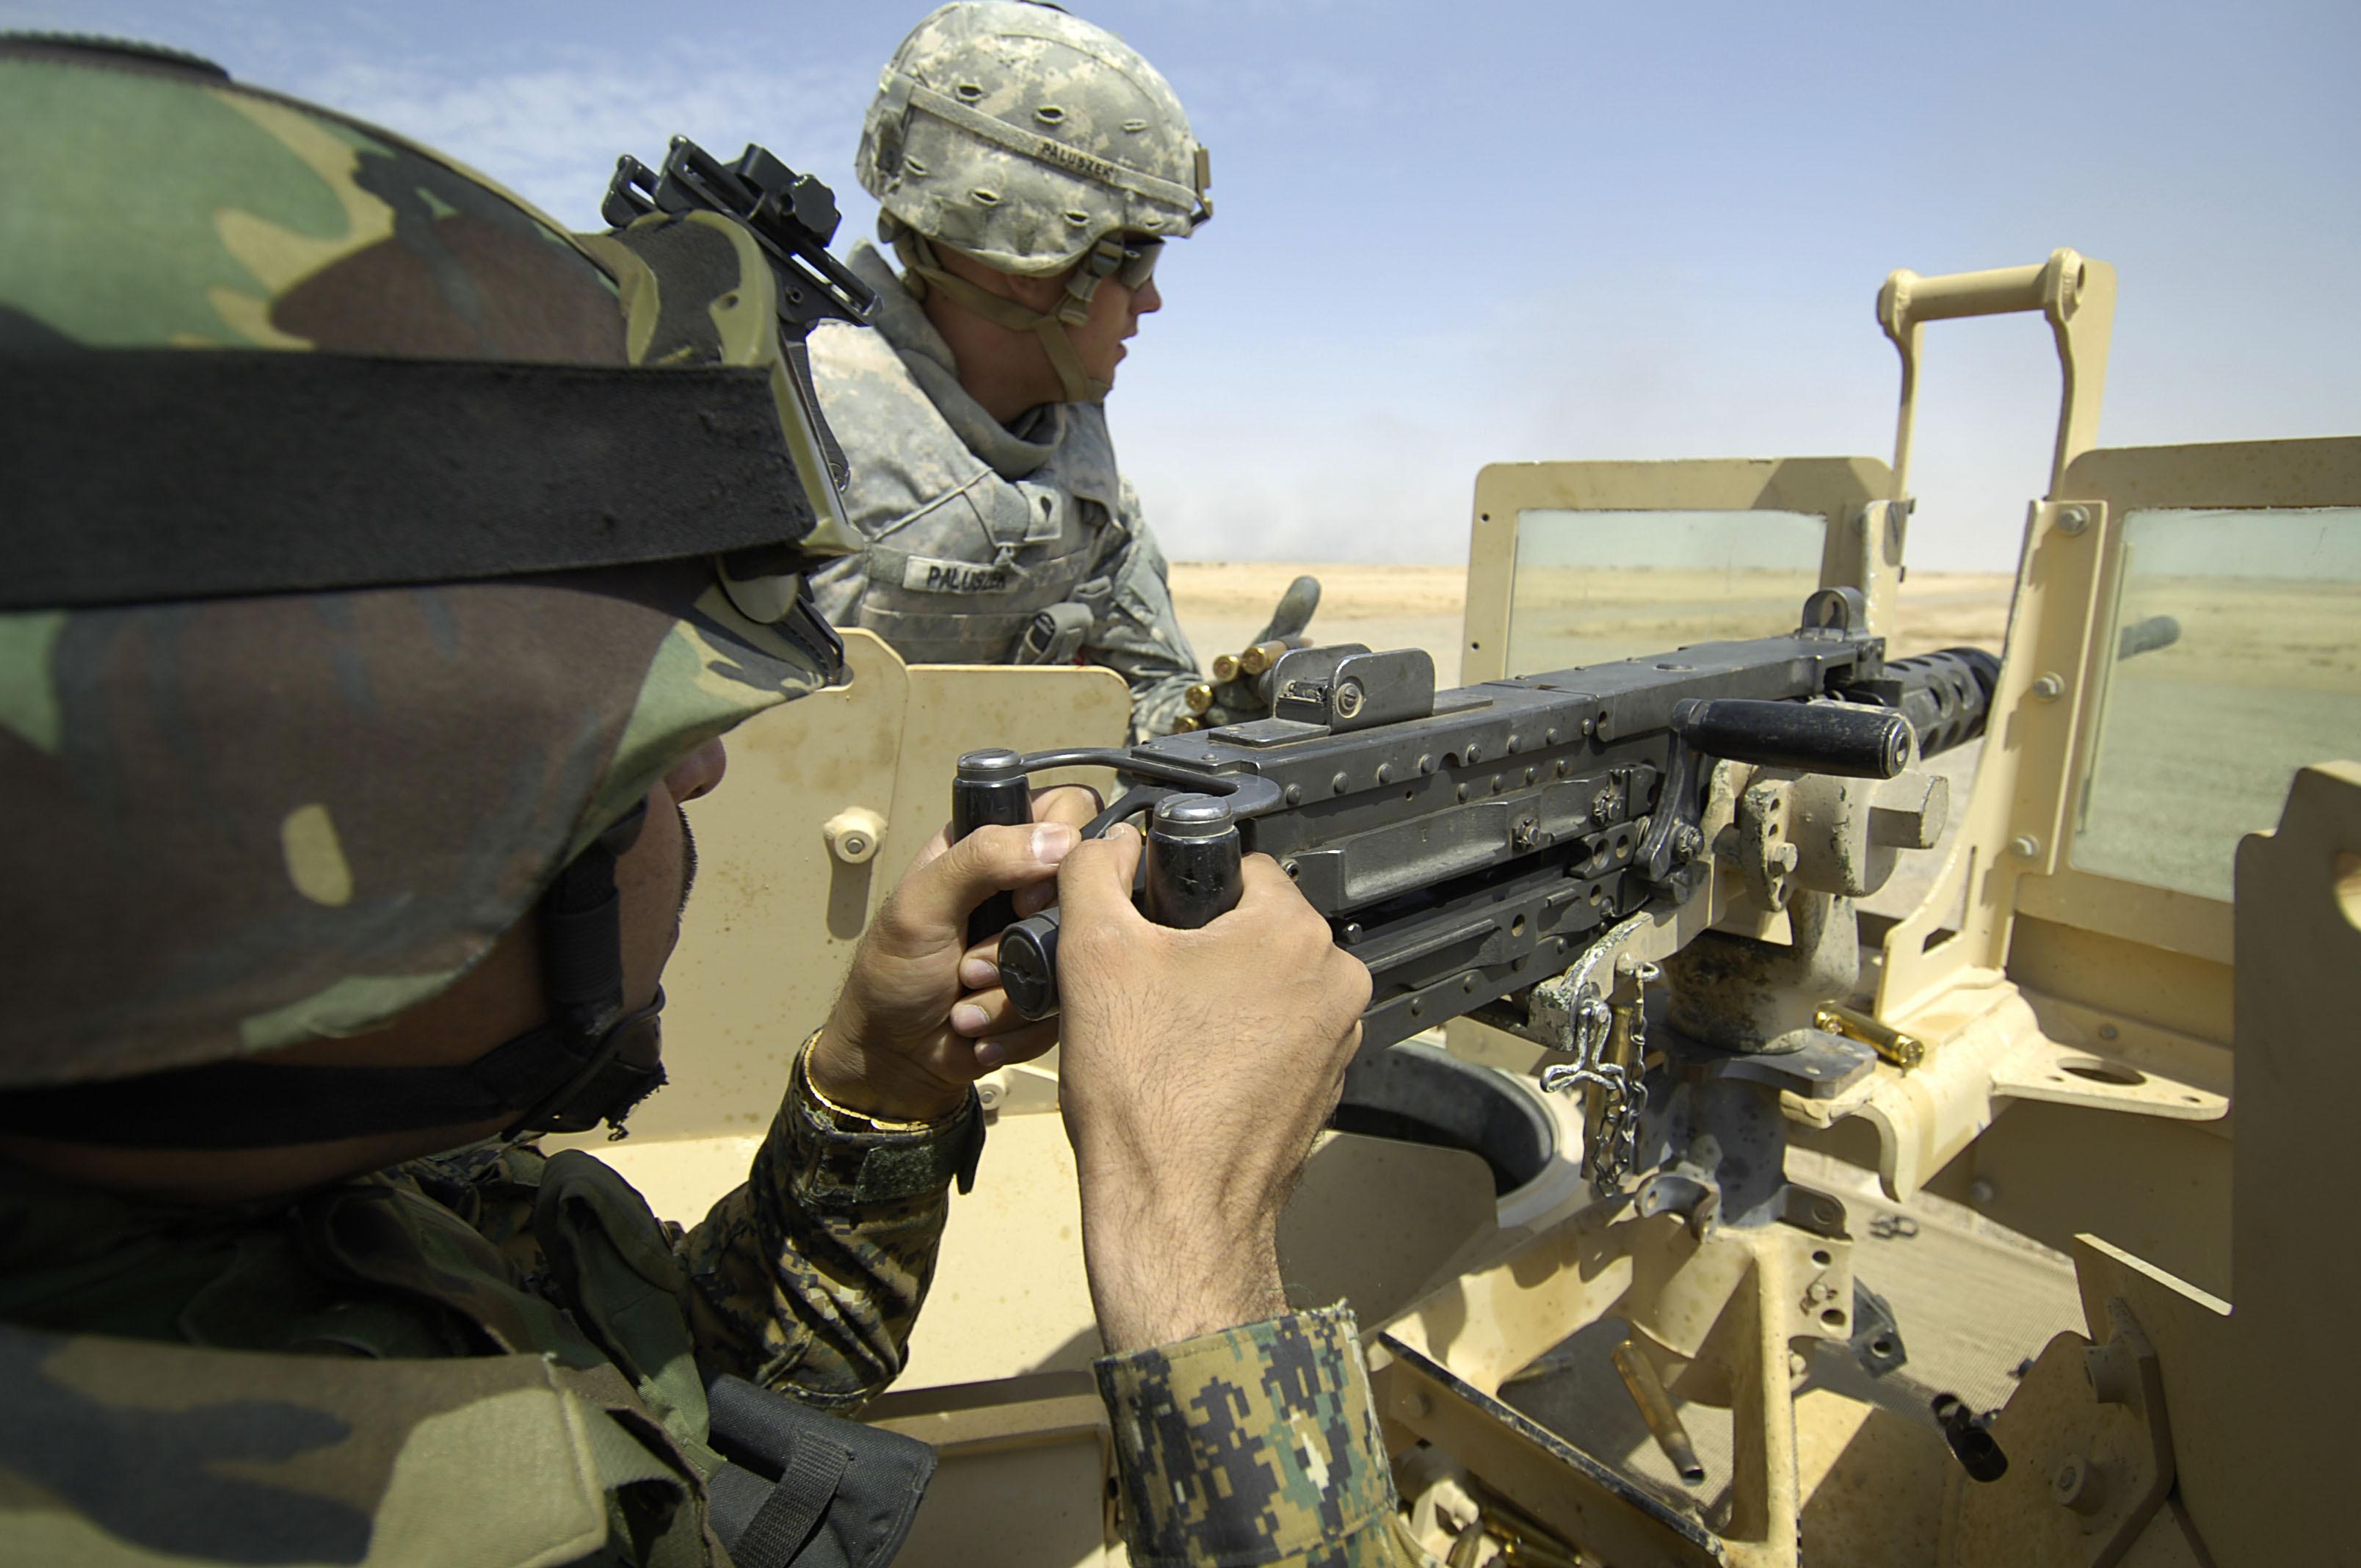 iraq-russian-gun-iranian-ammo-found-us-origin-tank